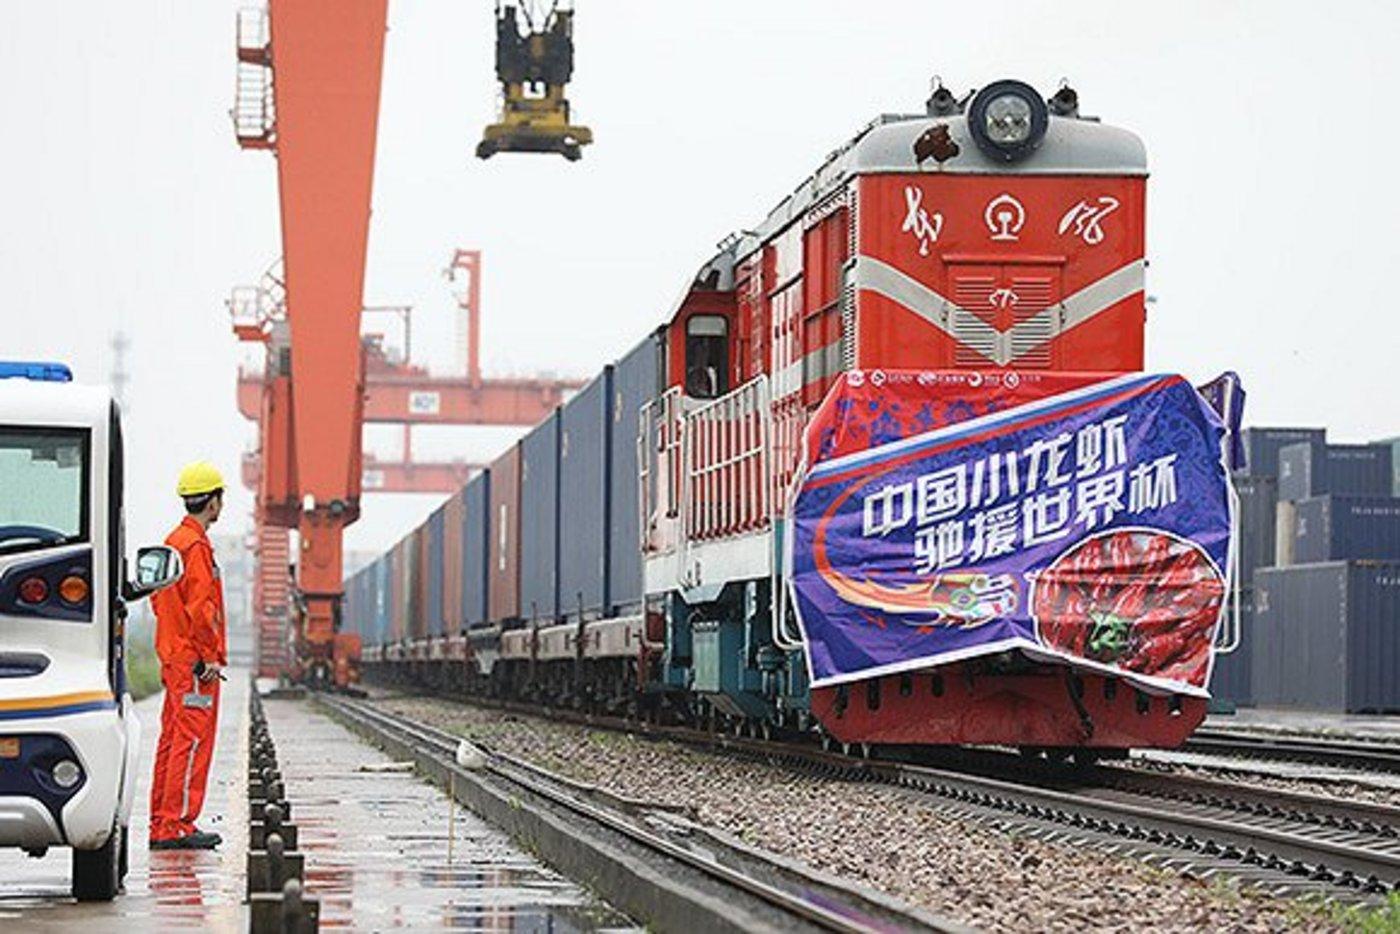 5月31日上午,武汉,中国农发集团鲜天下与农村淘宝联合打造的10万只世界杯版小龙虾,通过汉欧铁路发往俄罗斯